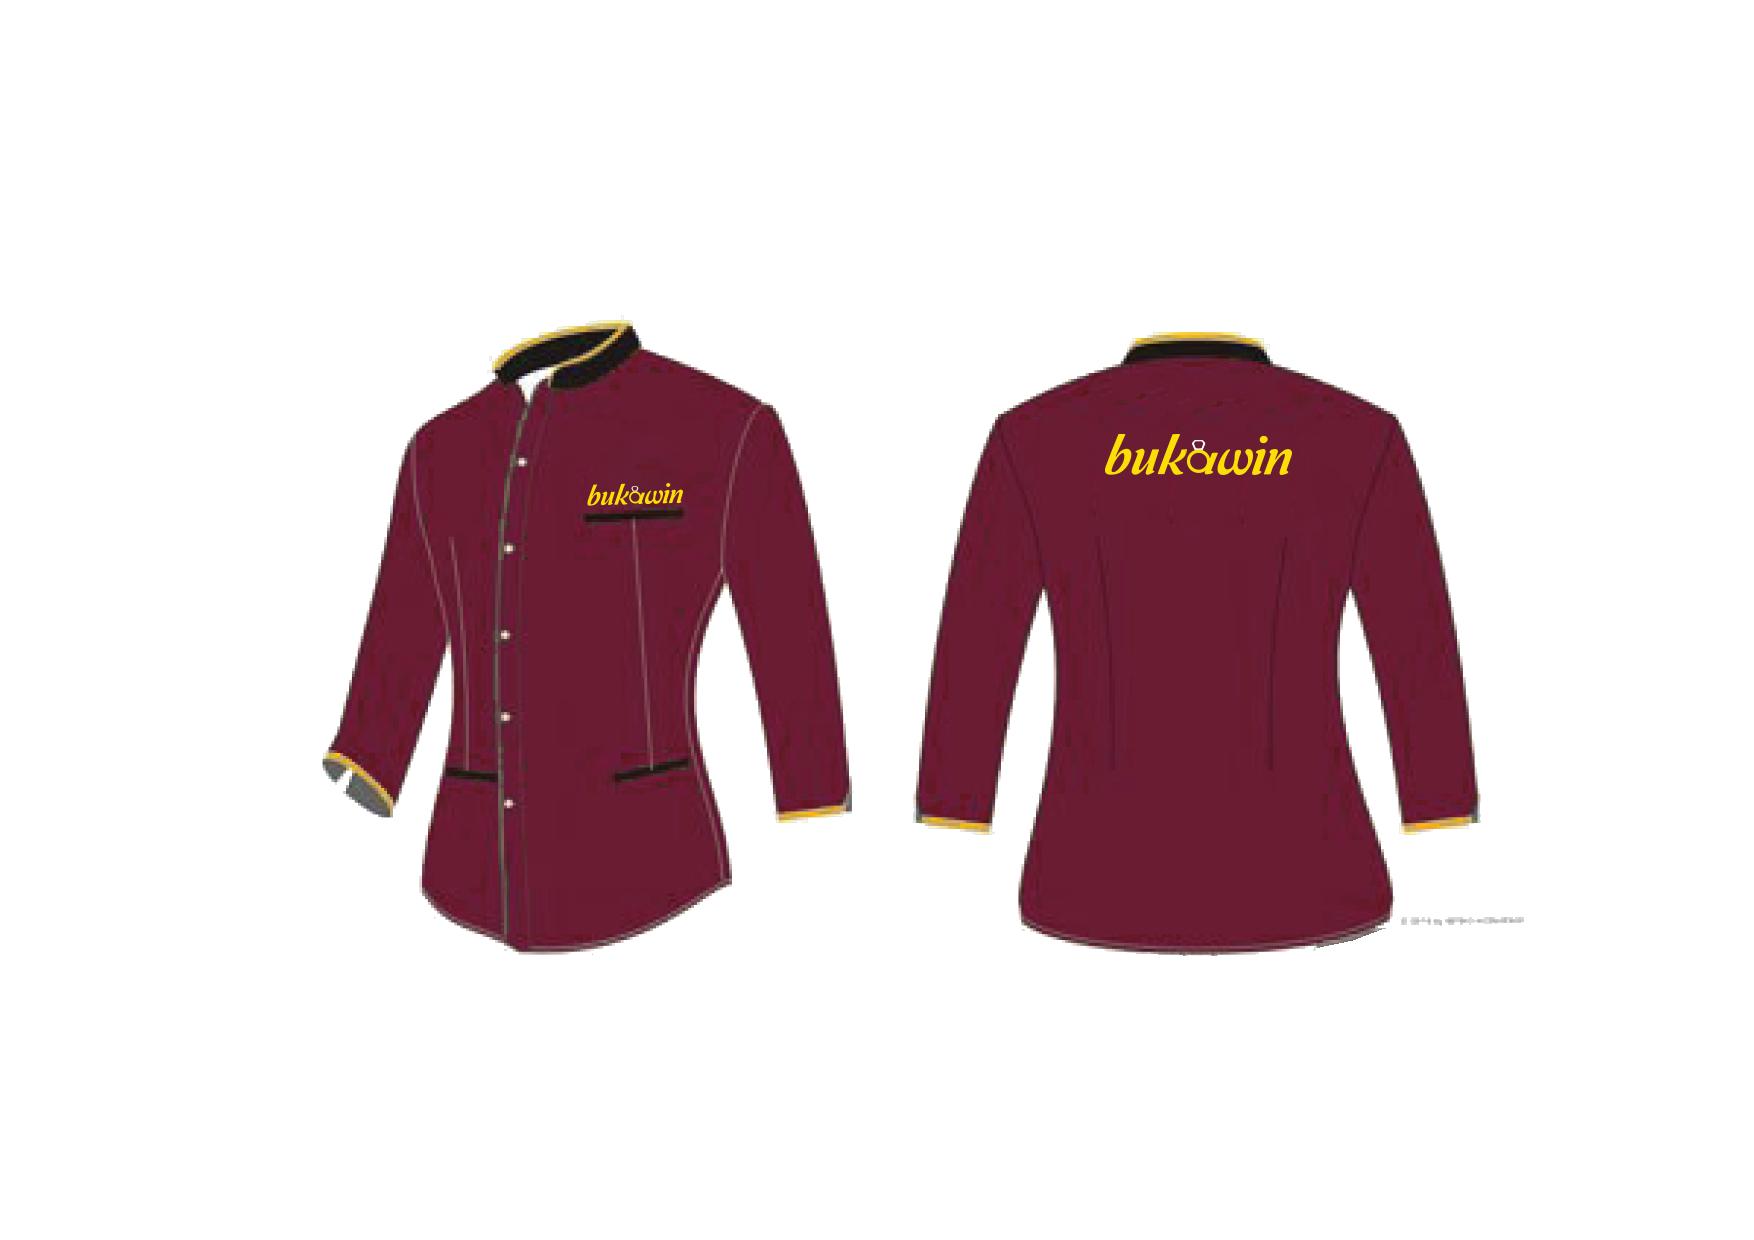 desain baju panitia bukawin (cowok) Desain